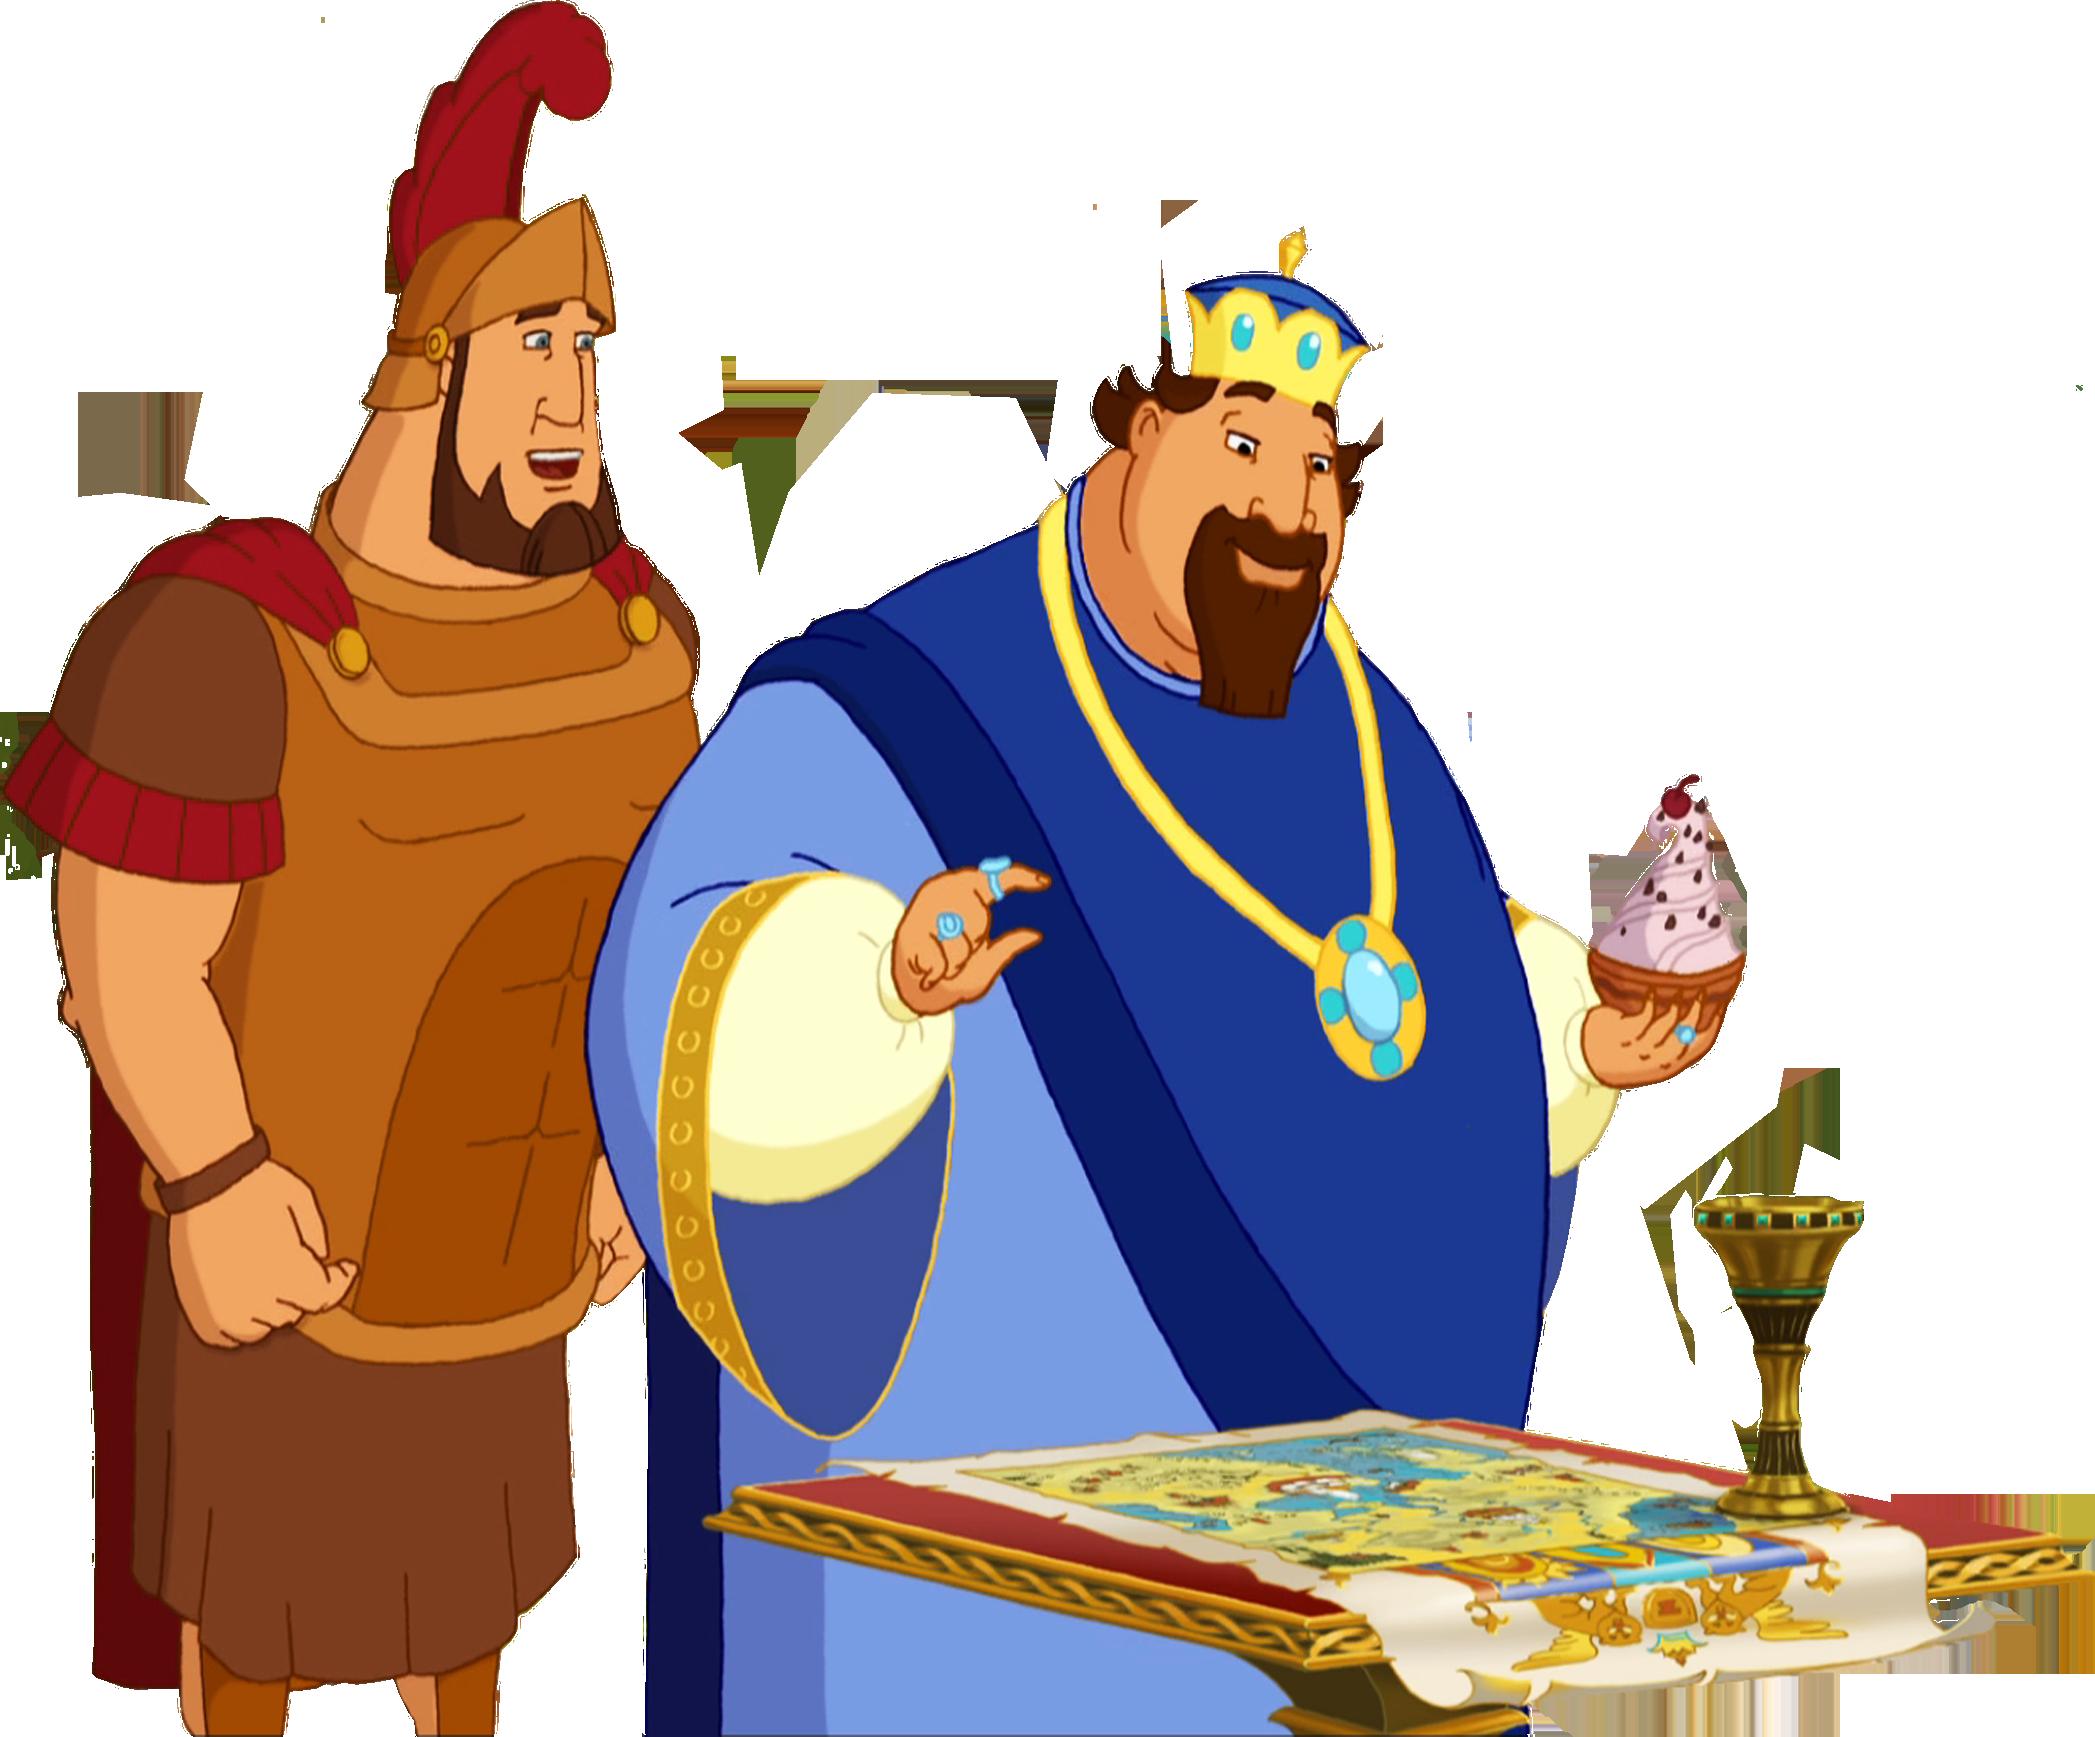 Шуточное поздравление от трех богатырей